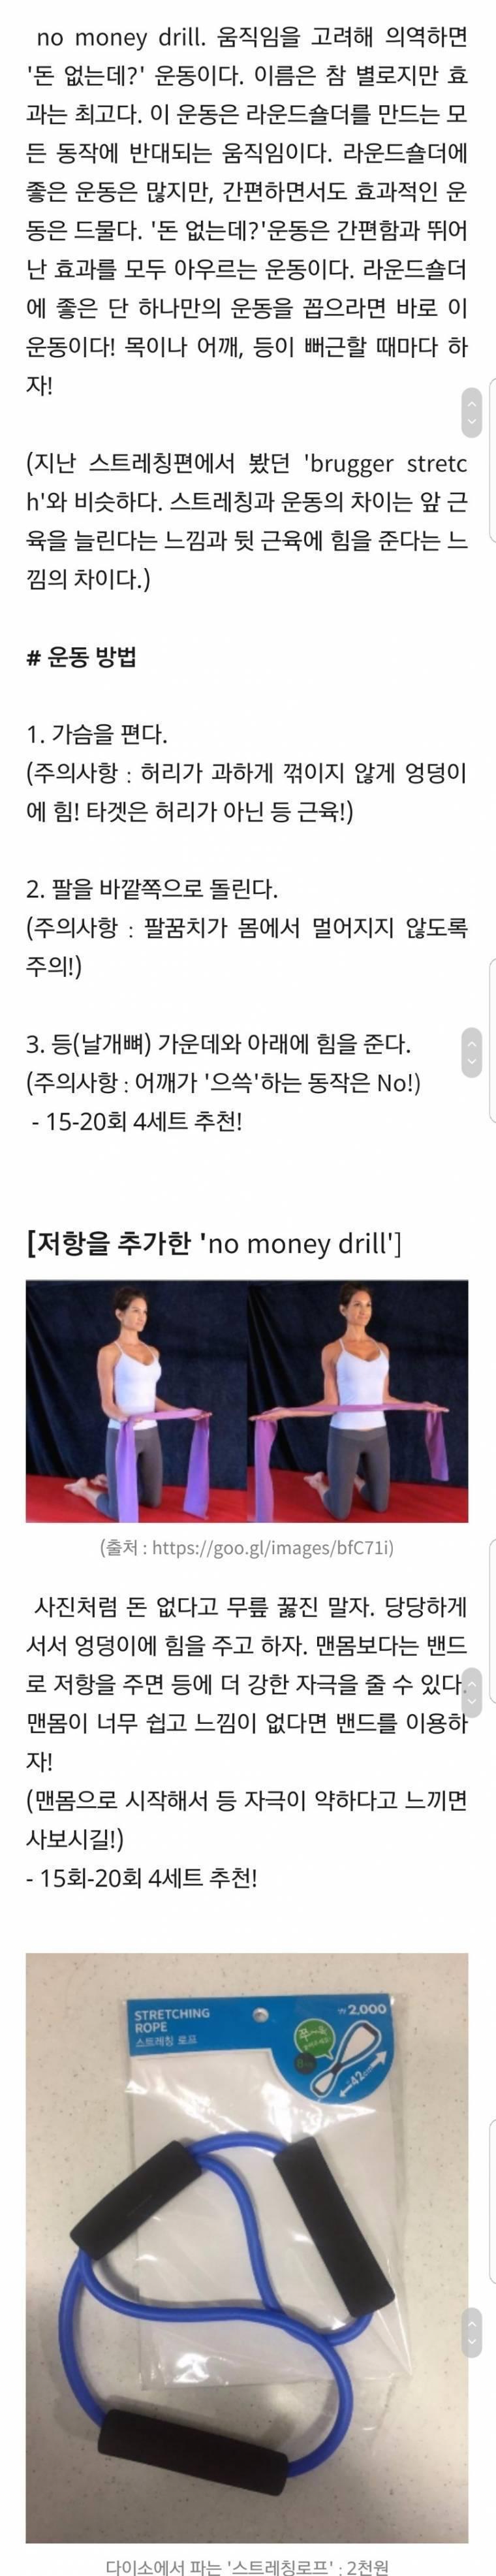 어깨가 좁아보이는 라운드 숄더(굽은 어깨)를 펴주는 최고의 운동.gif | 인스티즈